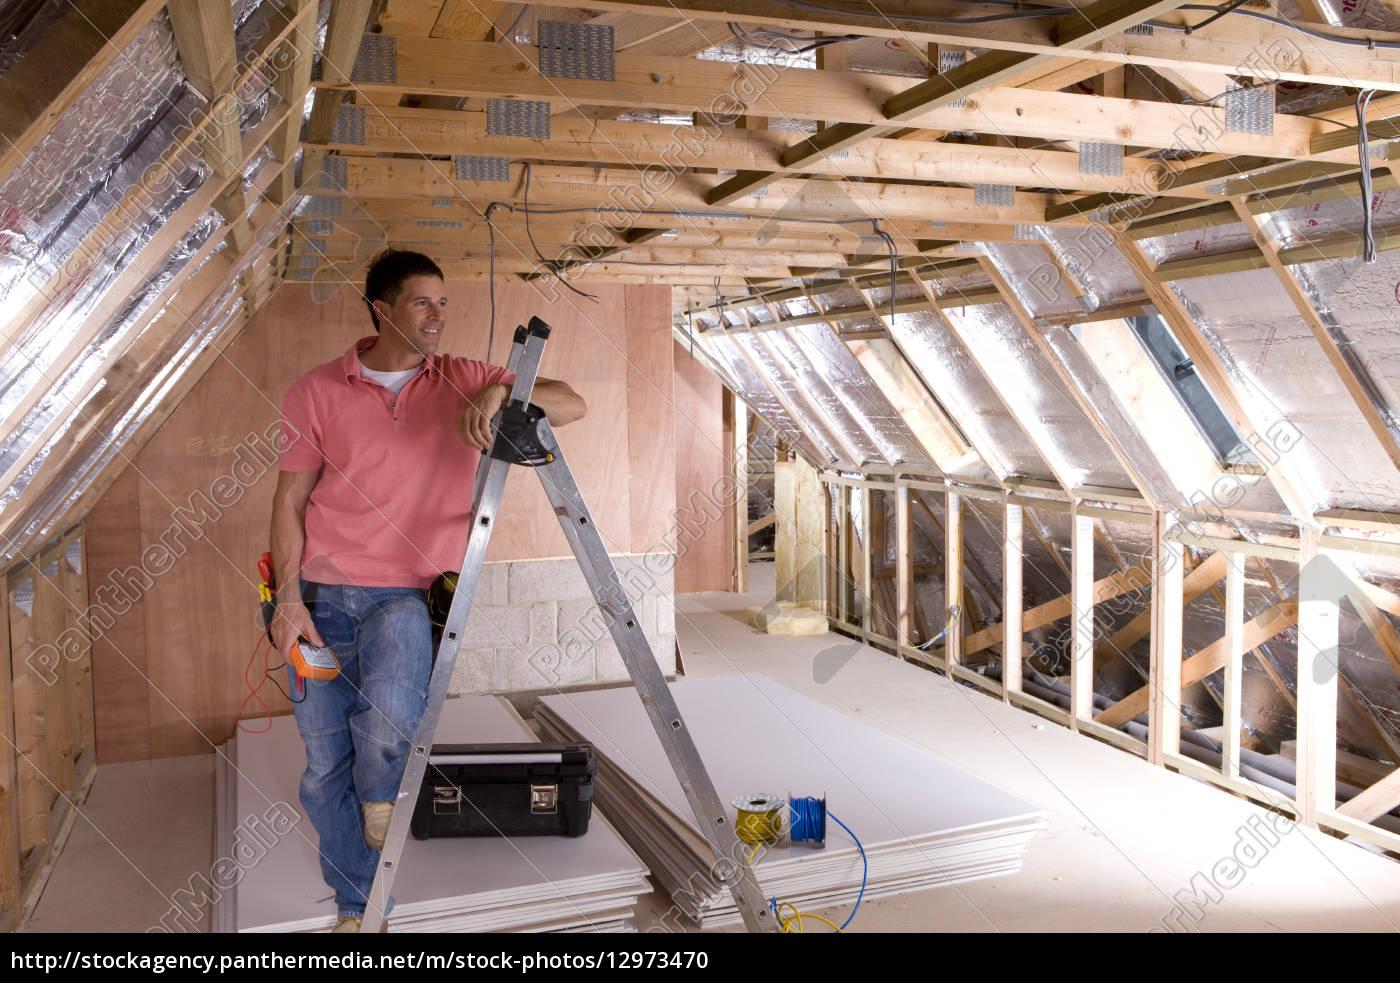 Faszinierend Dachboden Galerie Von Stockfoto 12973470 - Elektriker Schiefen Gegen Leiter